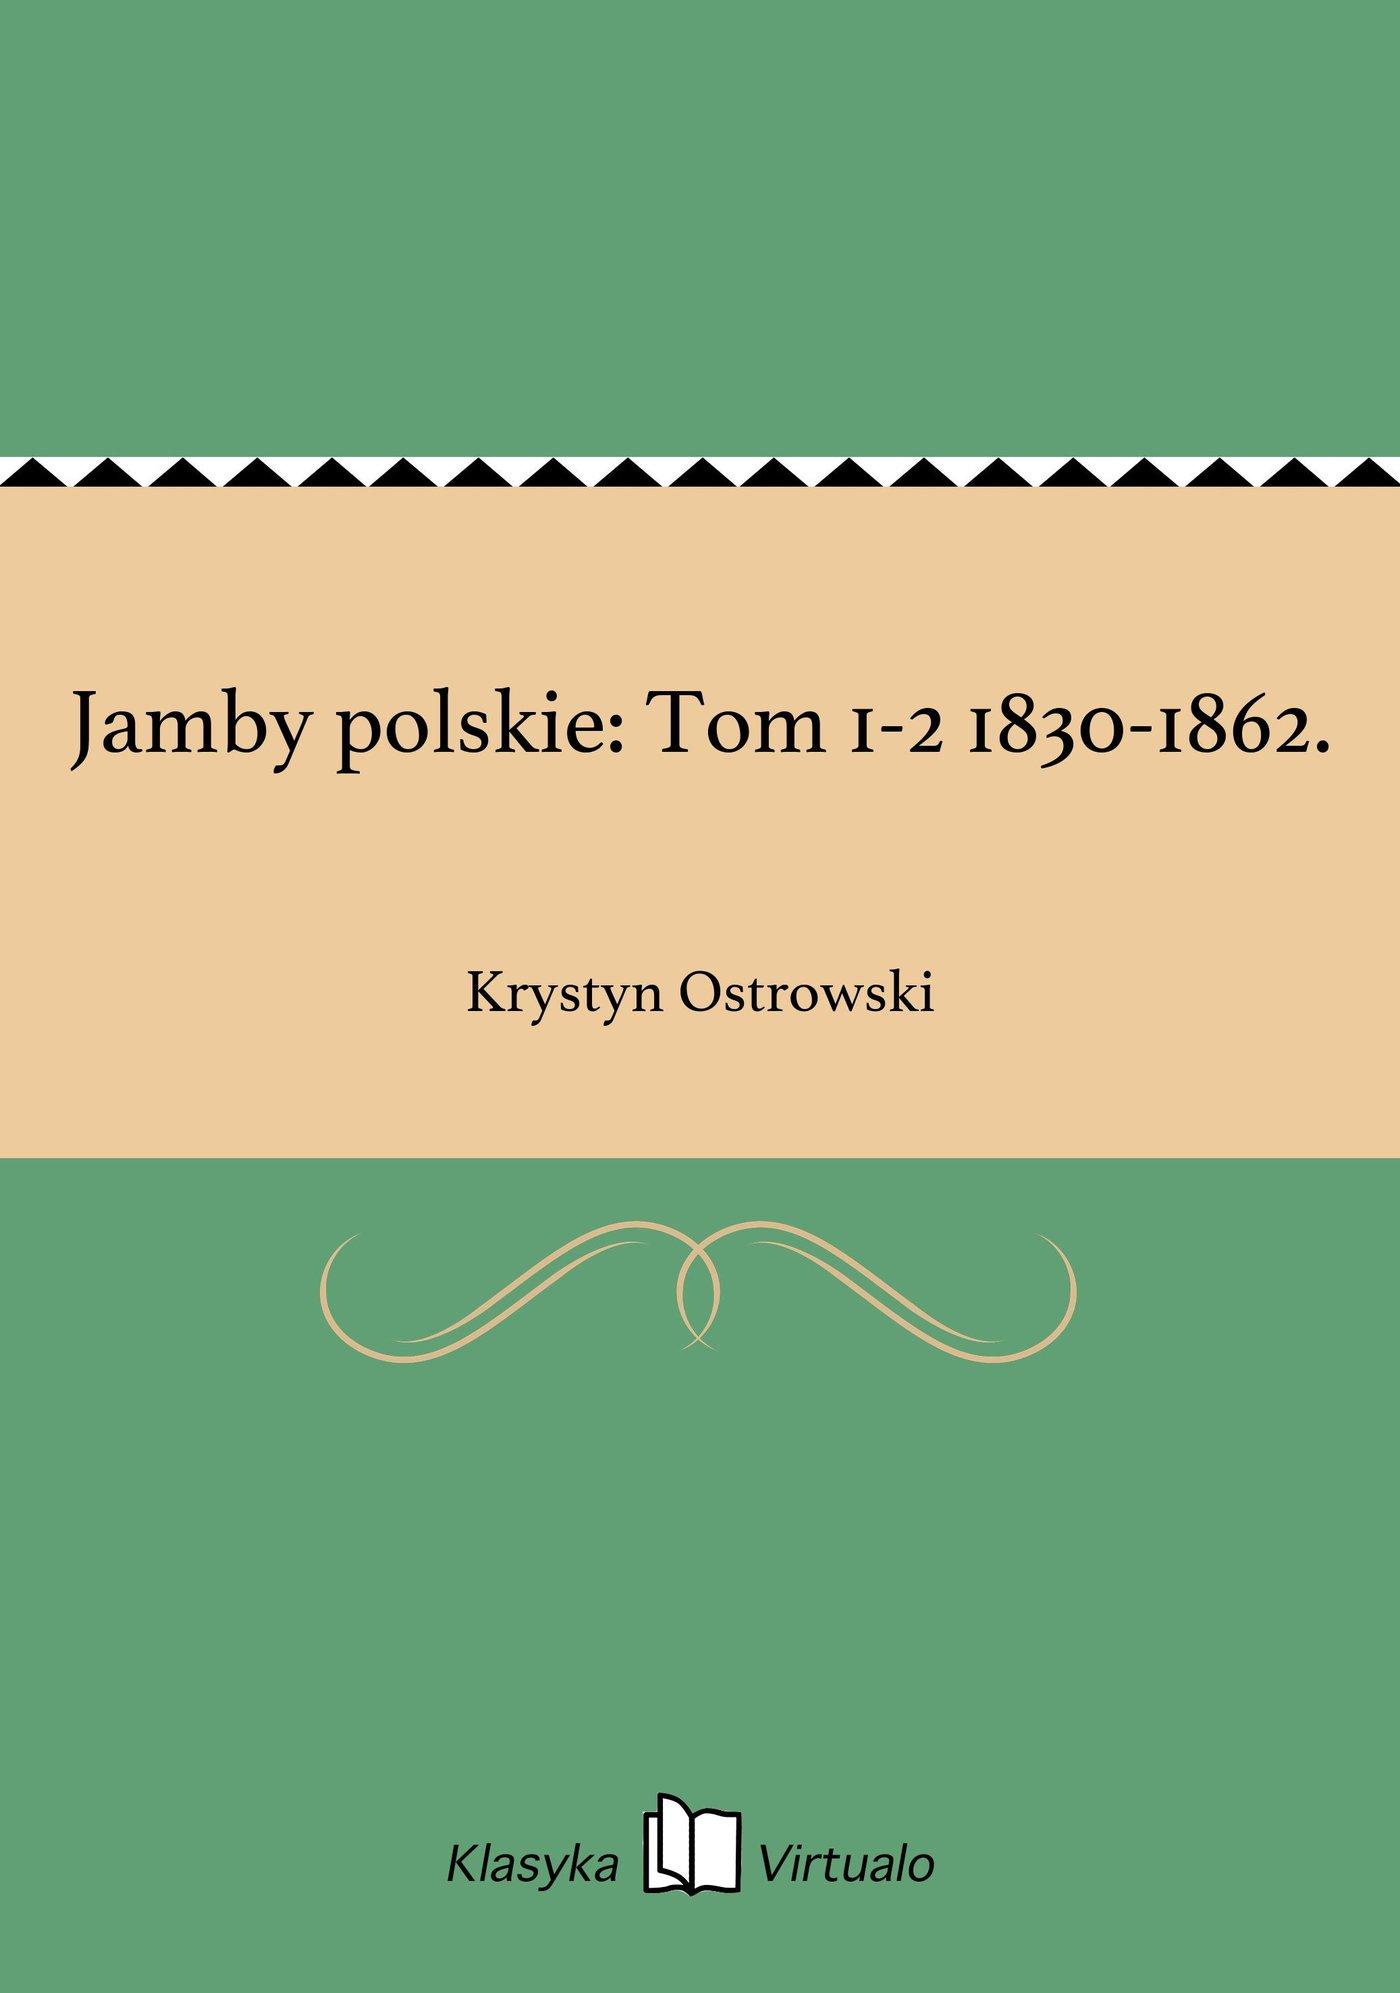 Jamby polskie: Tom 1-2 1830-1862. - Ebook (Książka EPUB) do pobrania w formacie EPUB